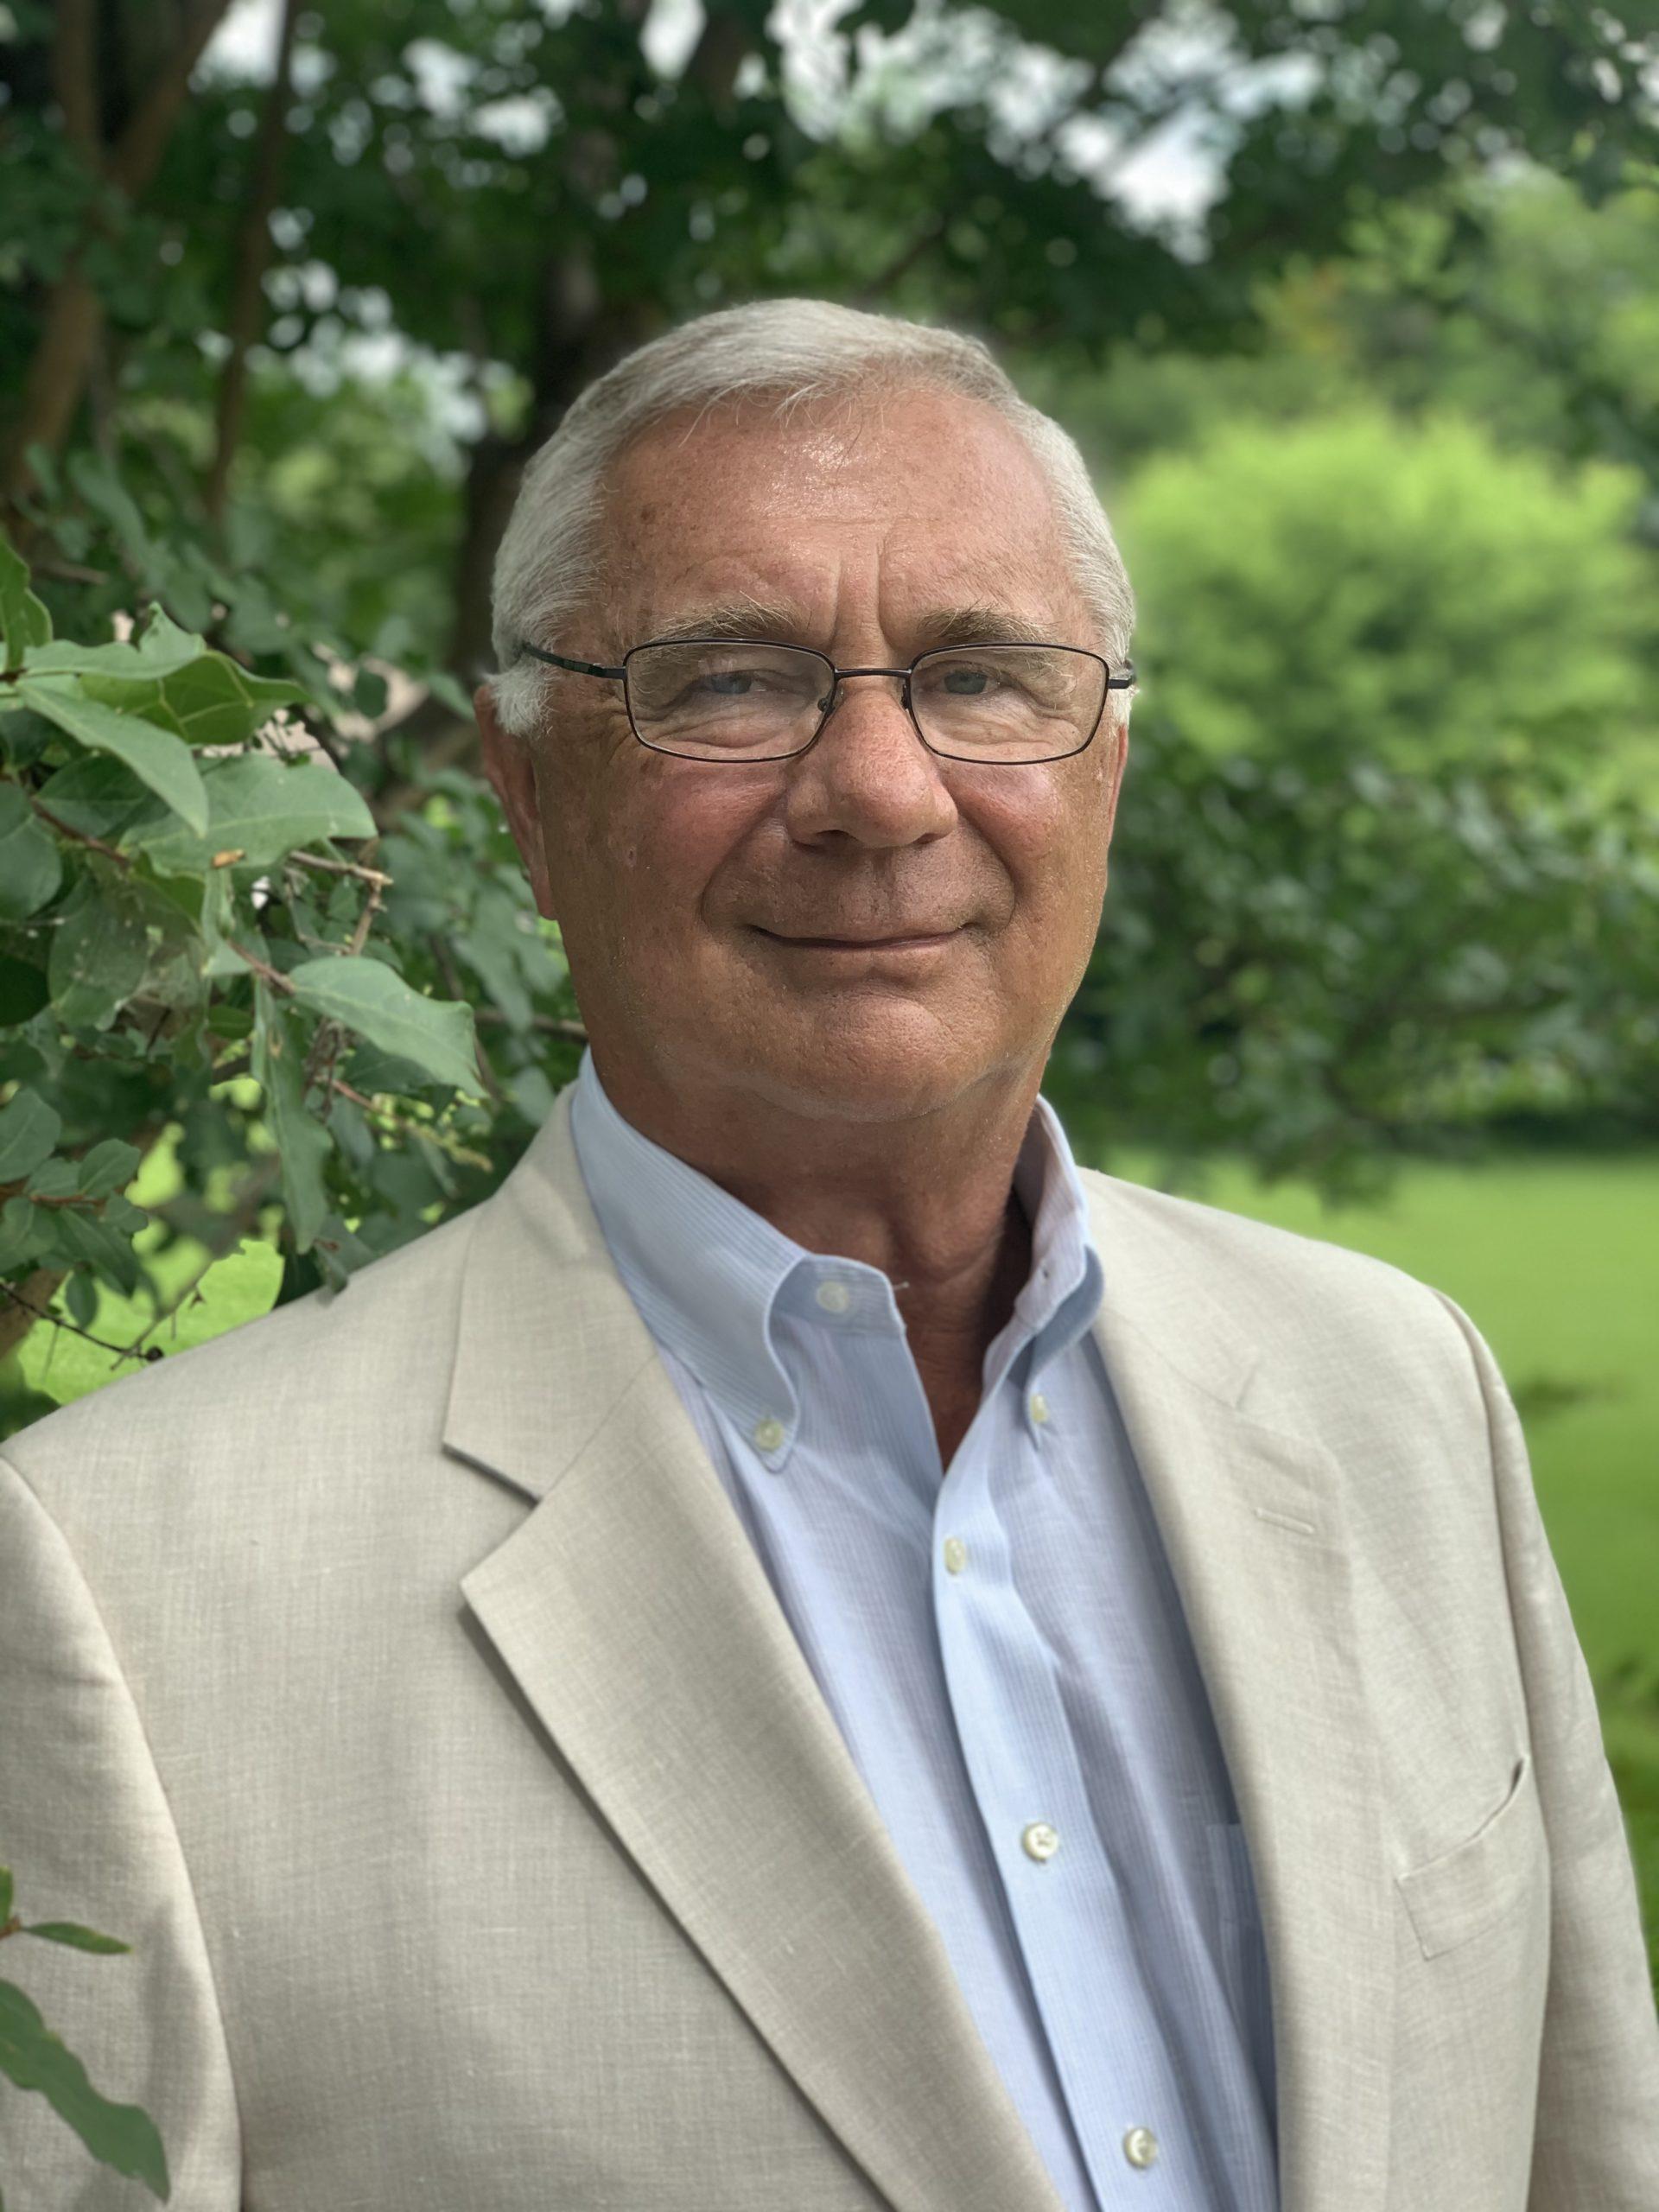 Robert Wilhelm